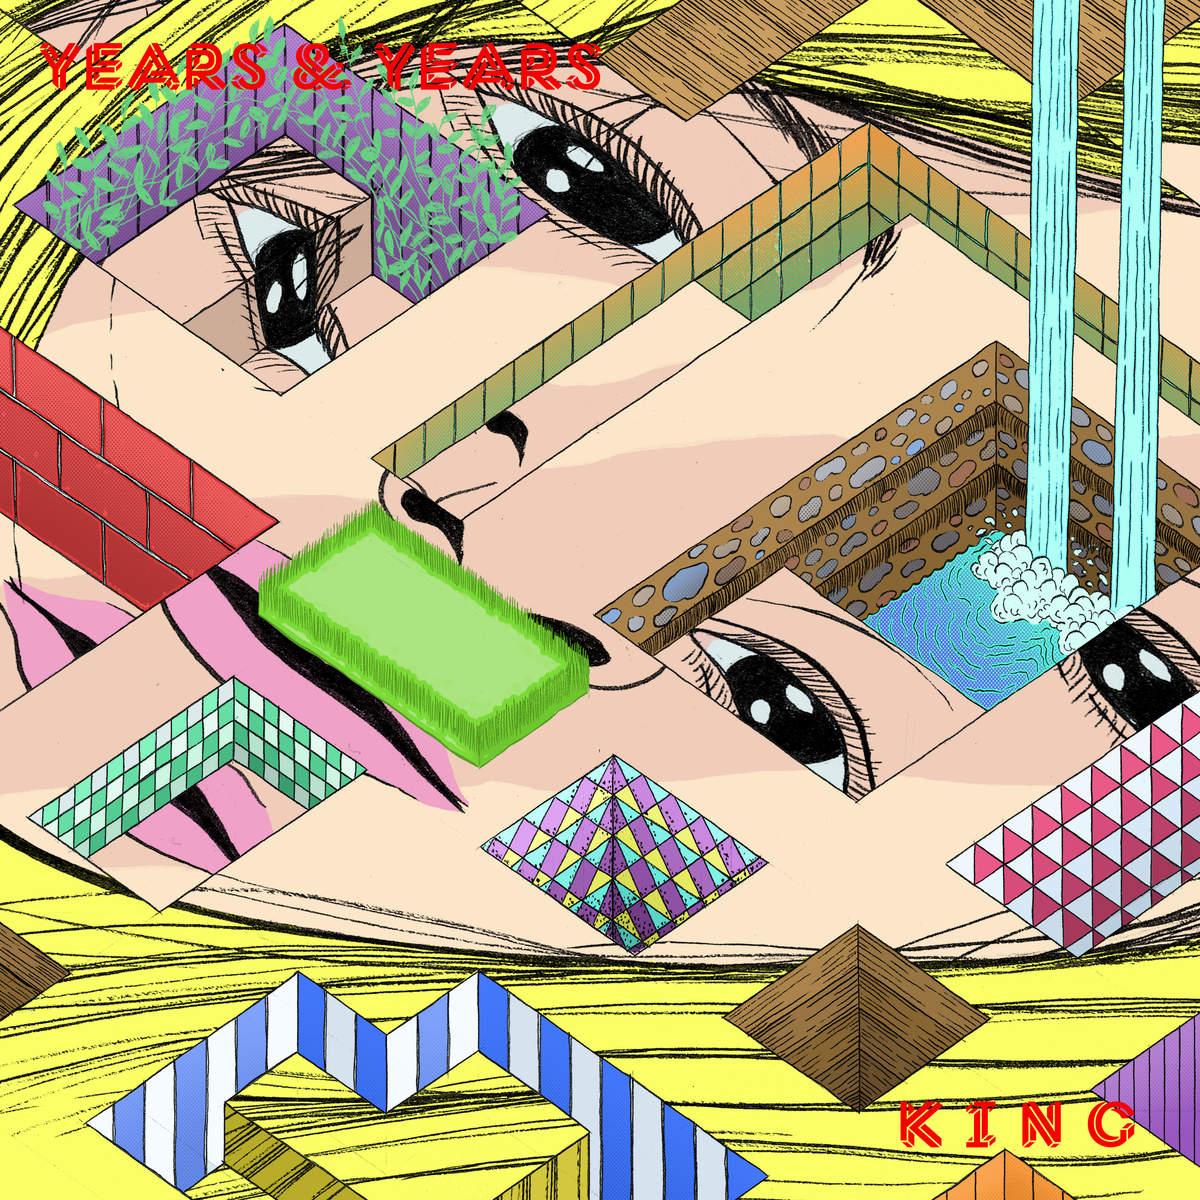 Years-Years-King